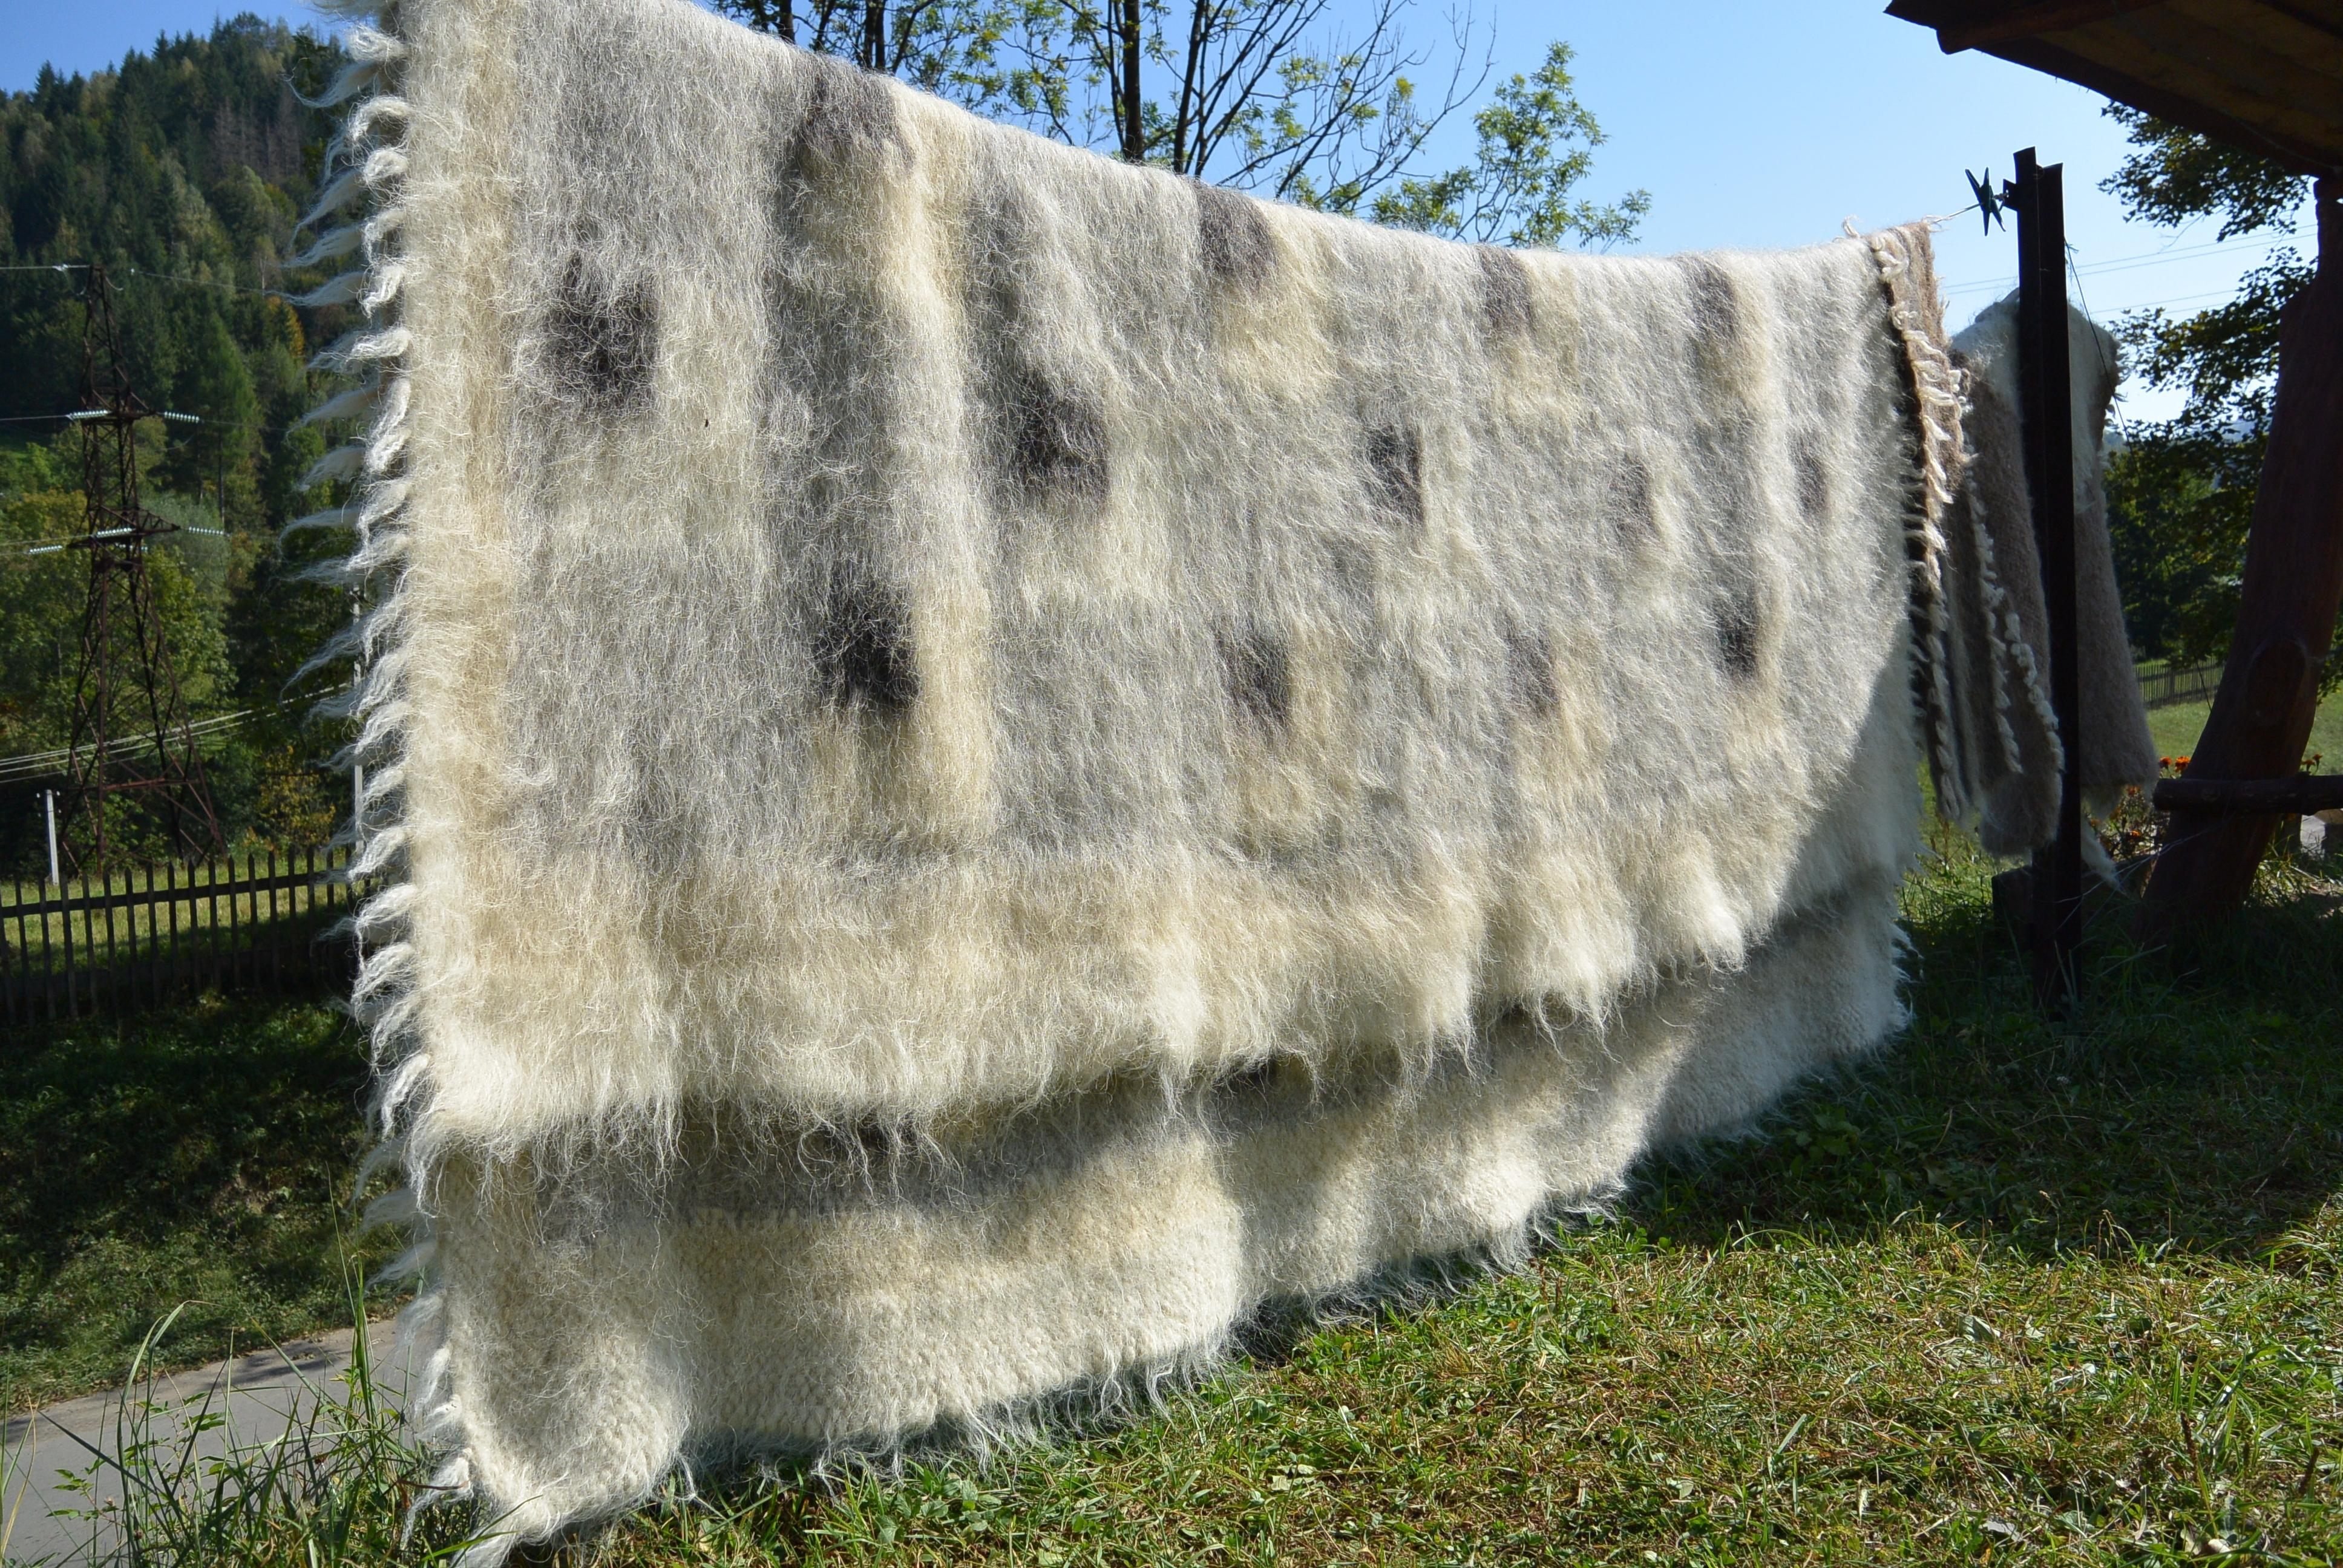 Виріб, тканий з овечої вовни, із довгим пухнастим двостороннім ворсом, оздоблений геометричними орнаментами. Використовується у побуті, в обрядах весілля та поховання, також має господарське призначення.